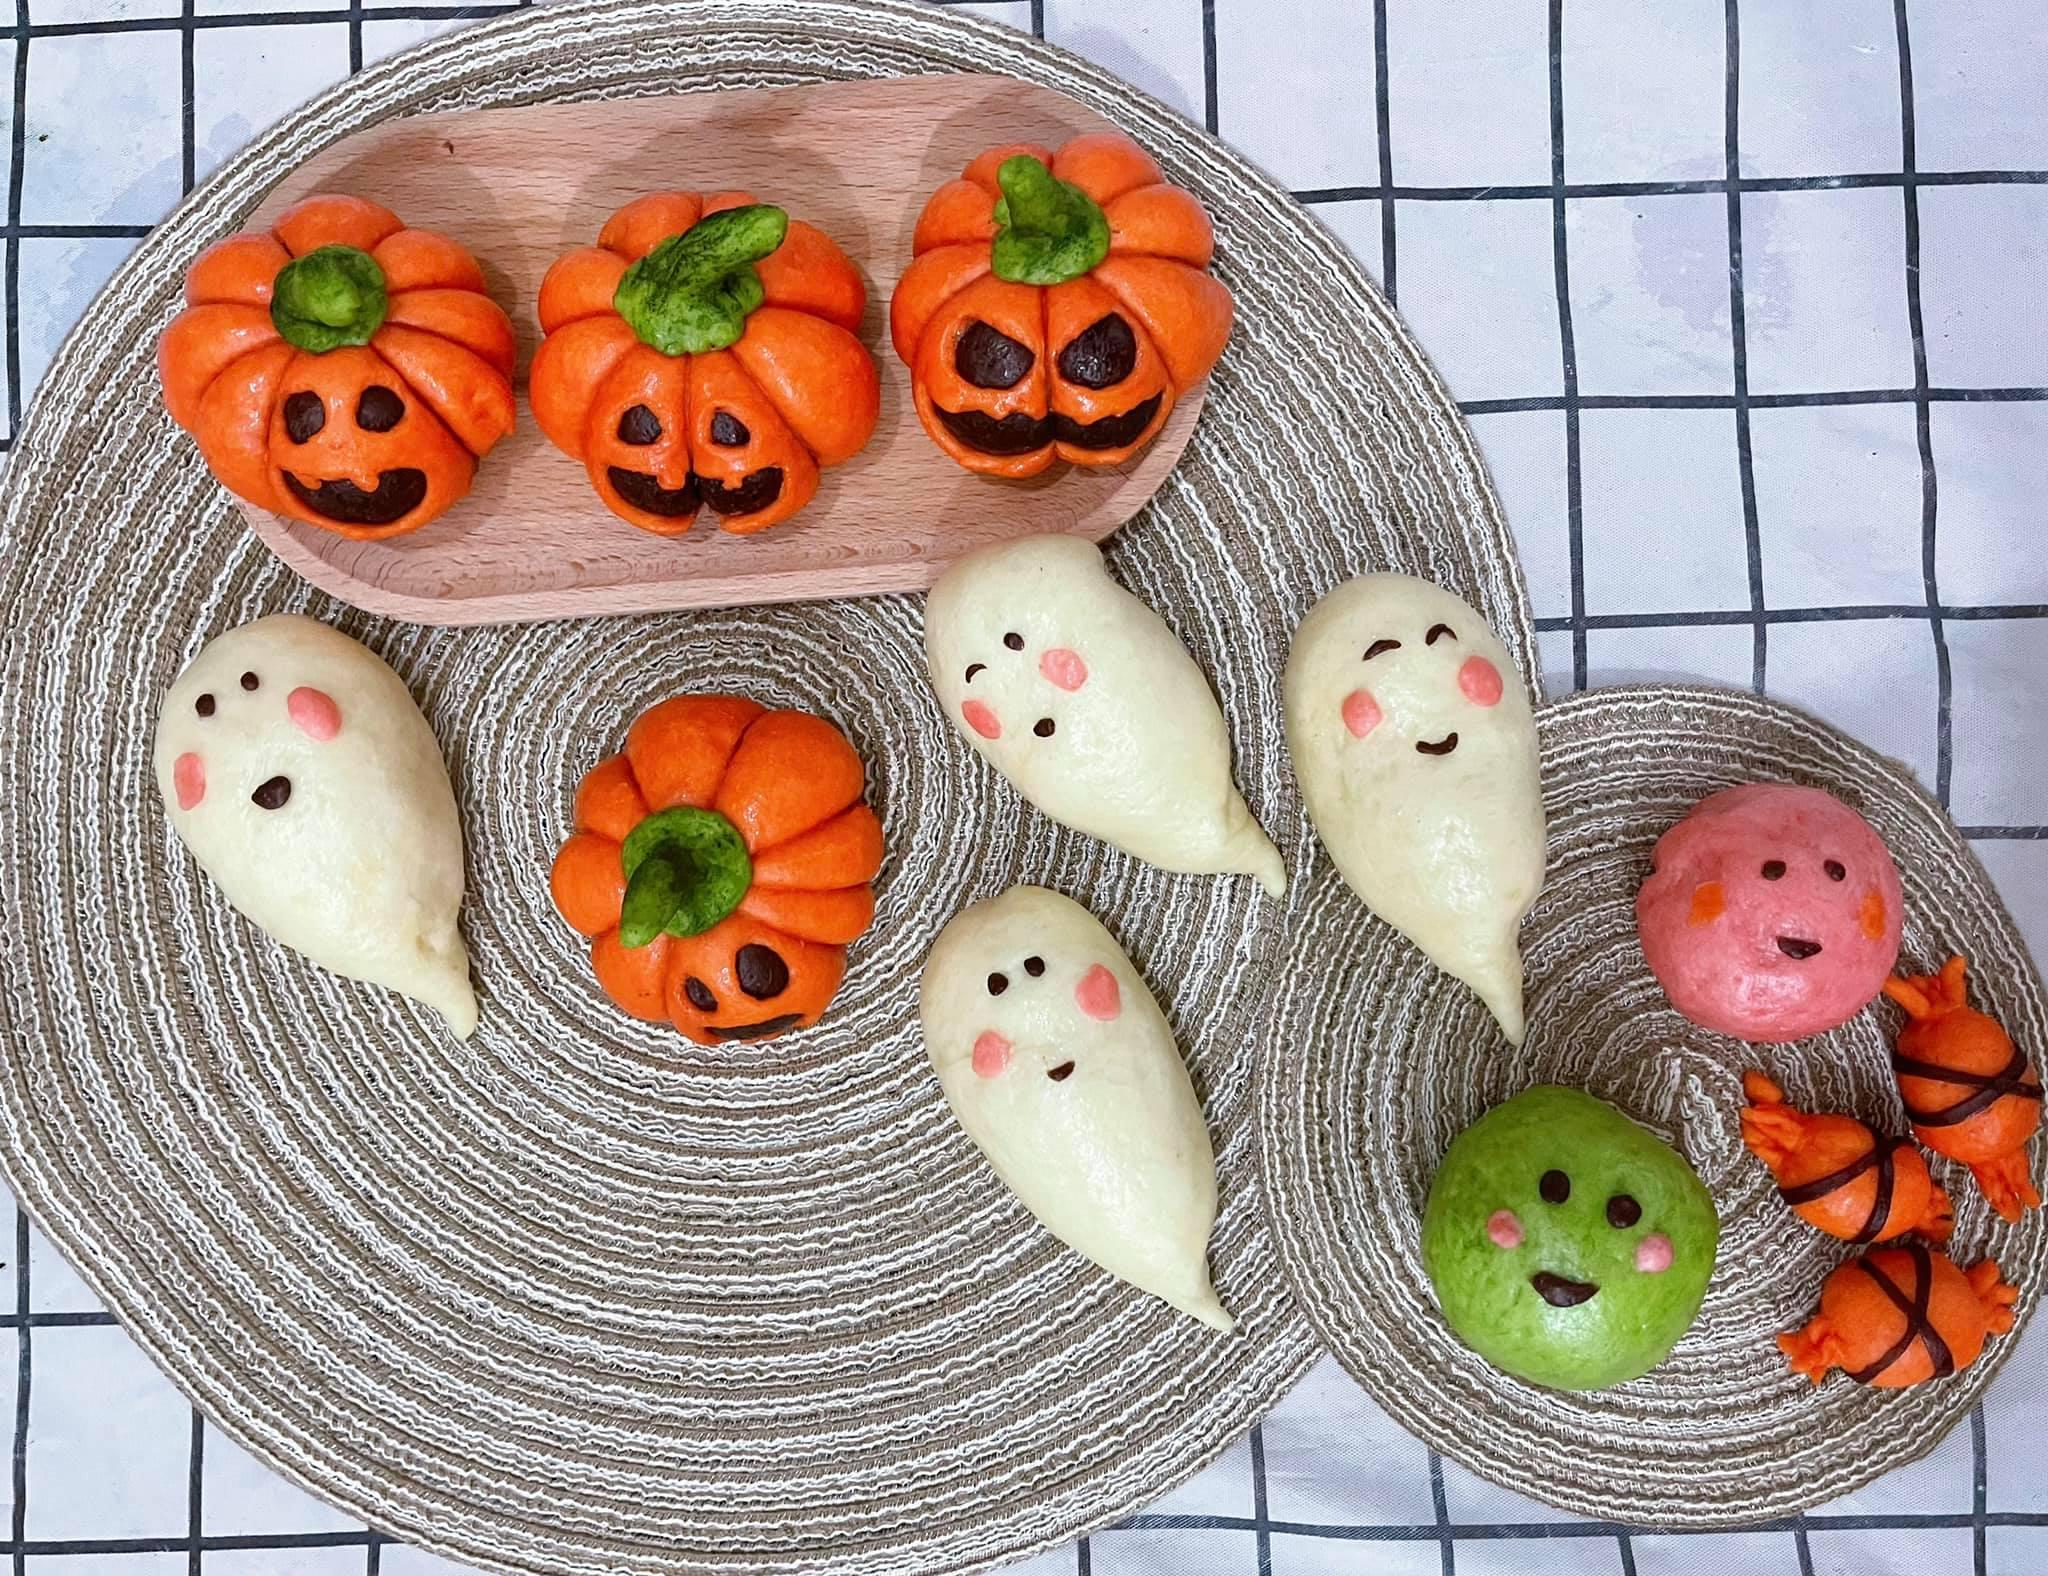 Độc đáo bánh bao hình bí ngô chào đón lễ hội Halloween